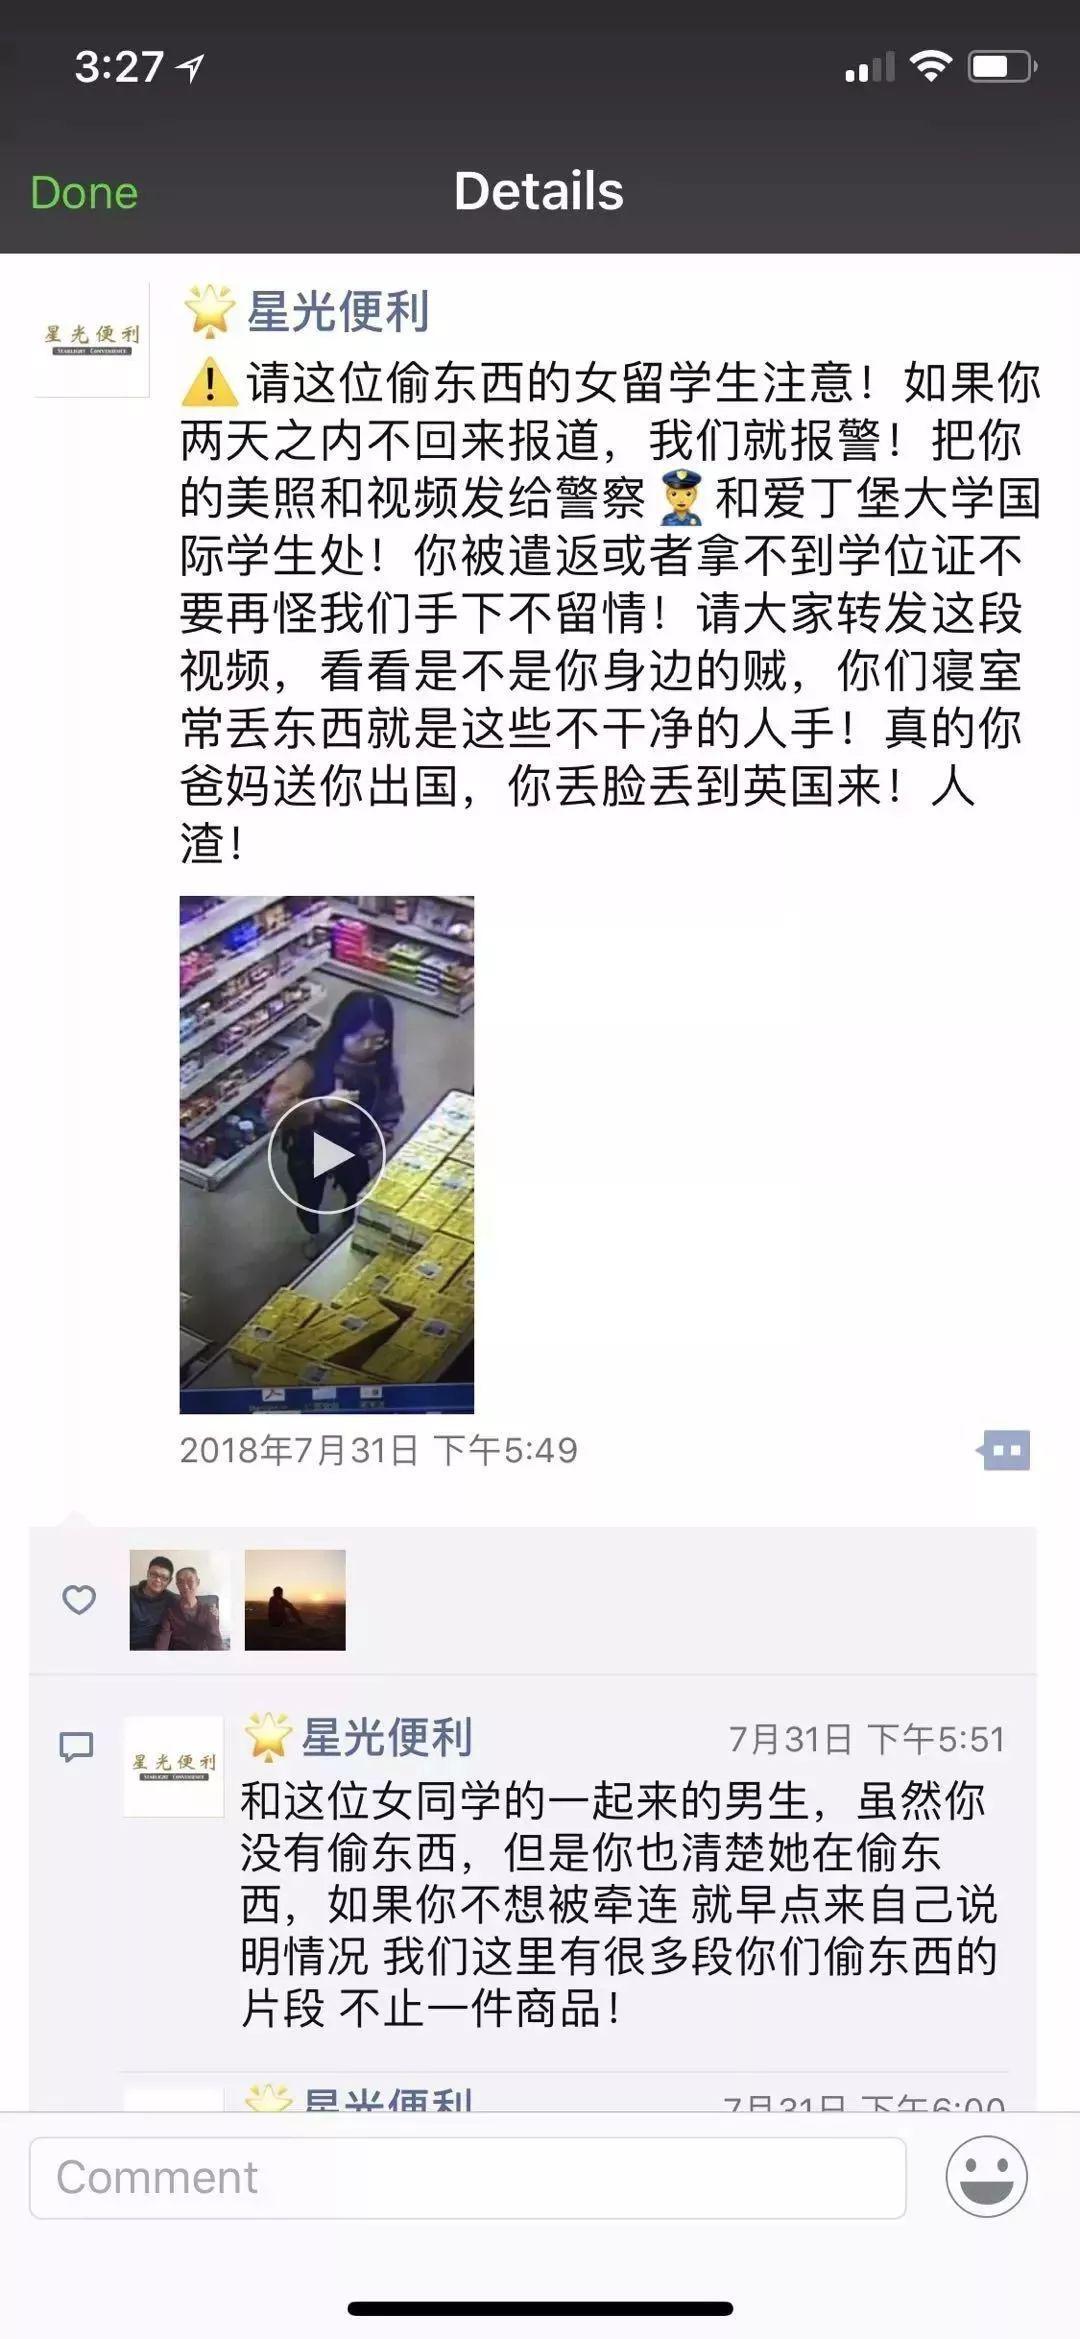 疑似北大女生在英国超市偷东西被抓 网友们吵疯了